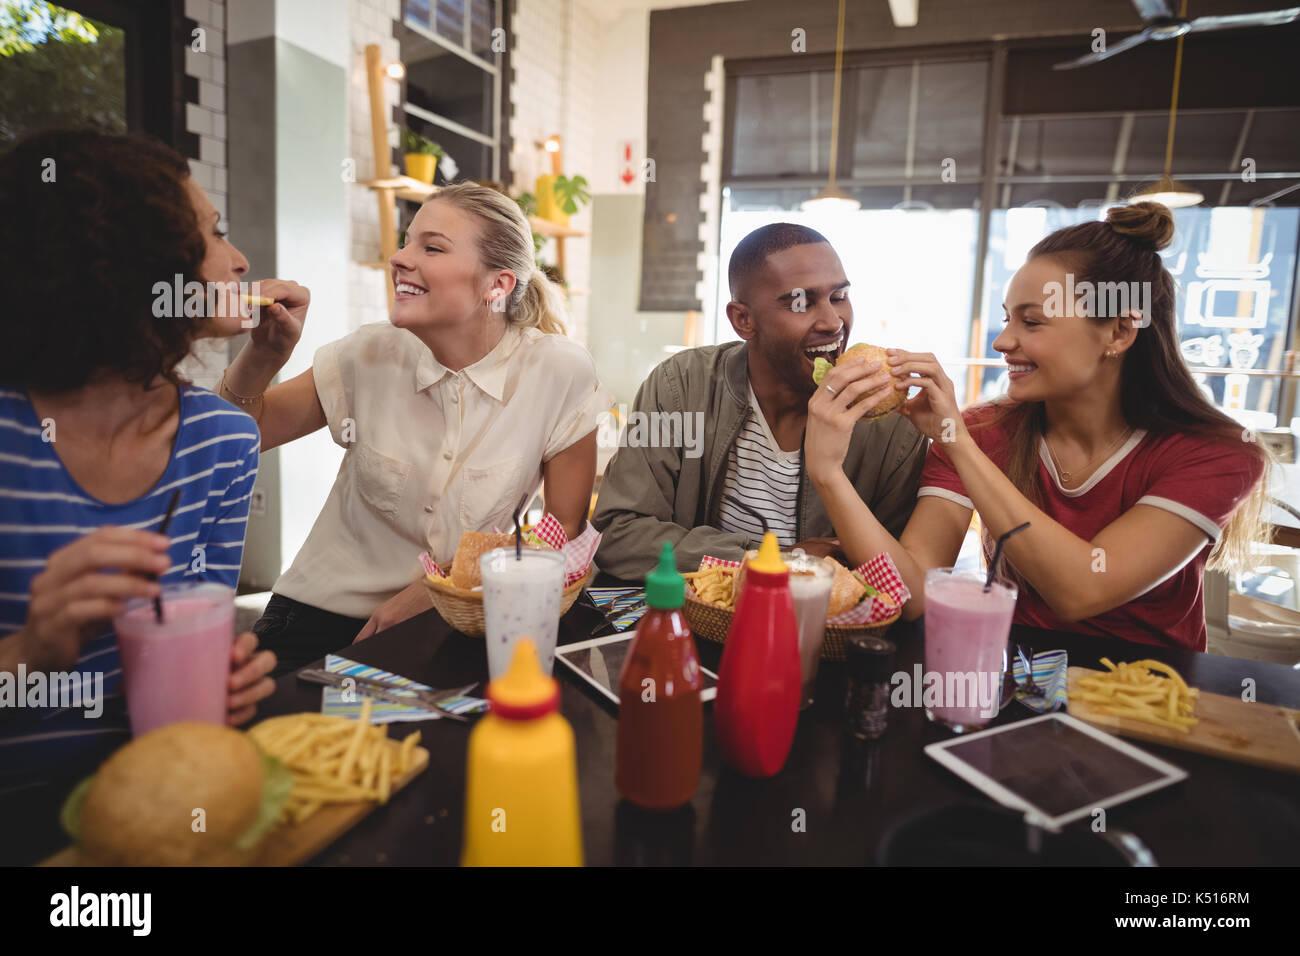 Giovani amici condividendo cibo a tavola in coffee shop Immagini Stock